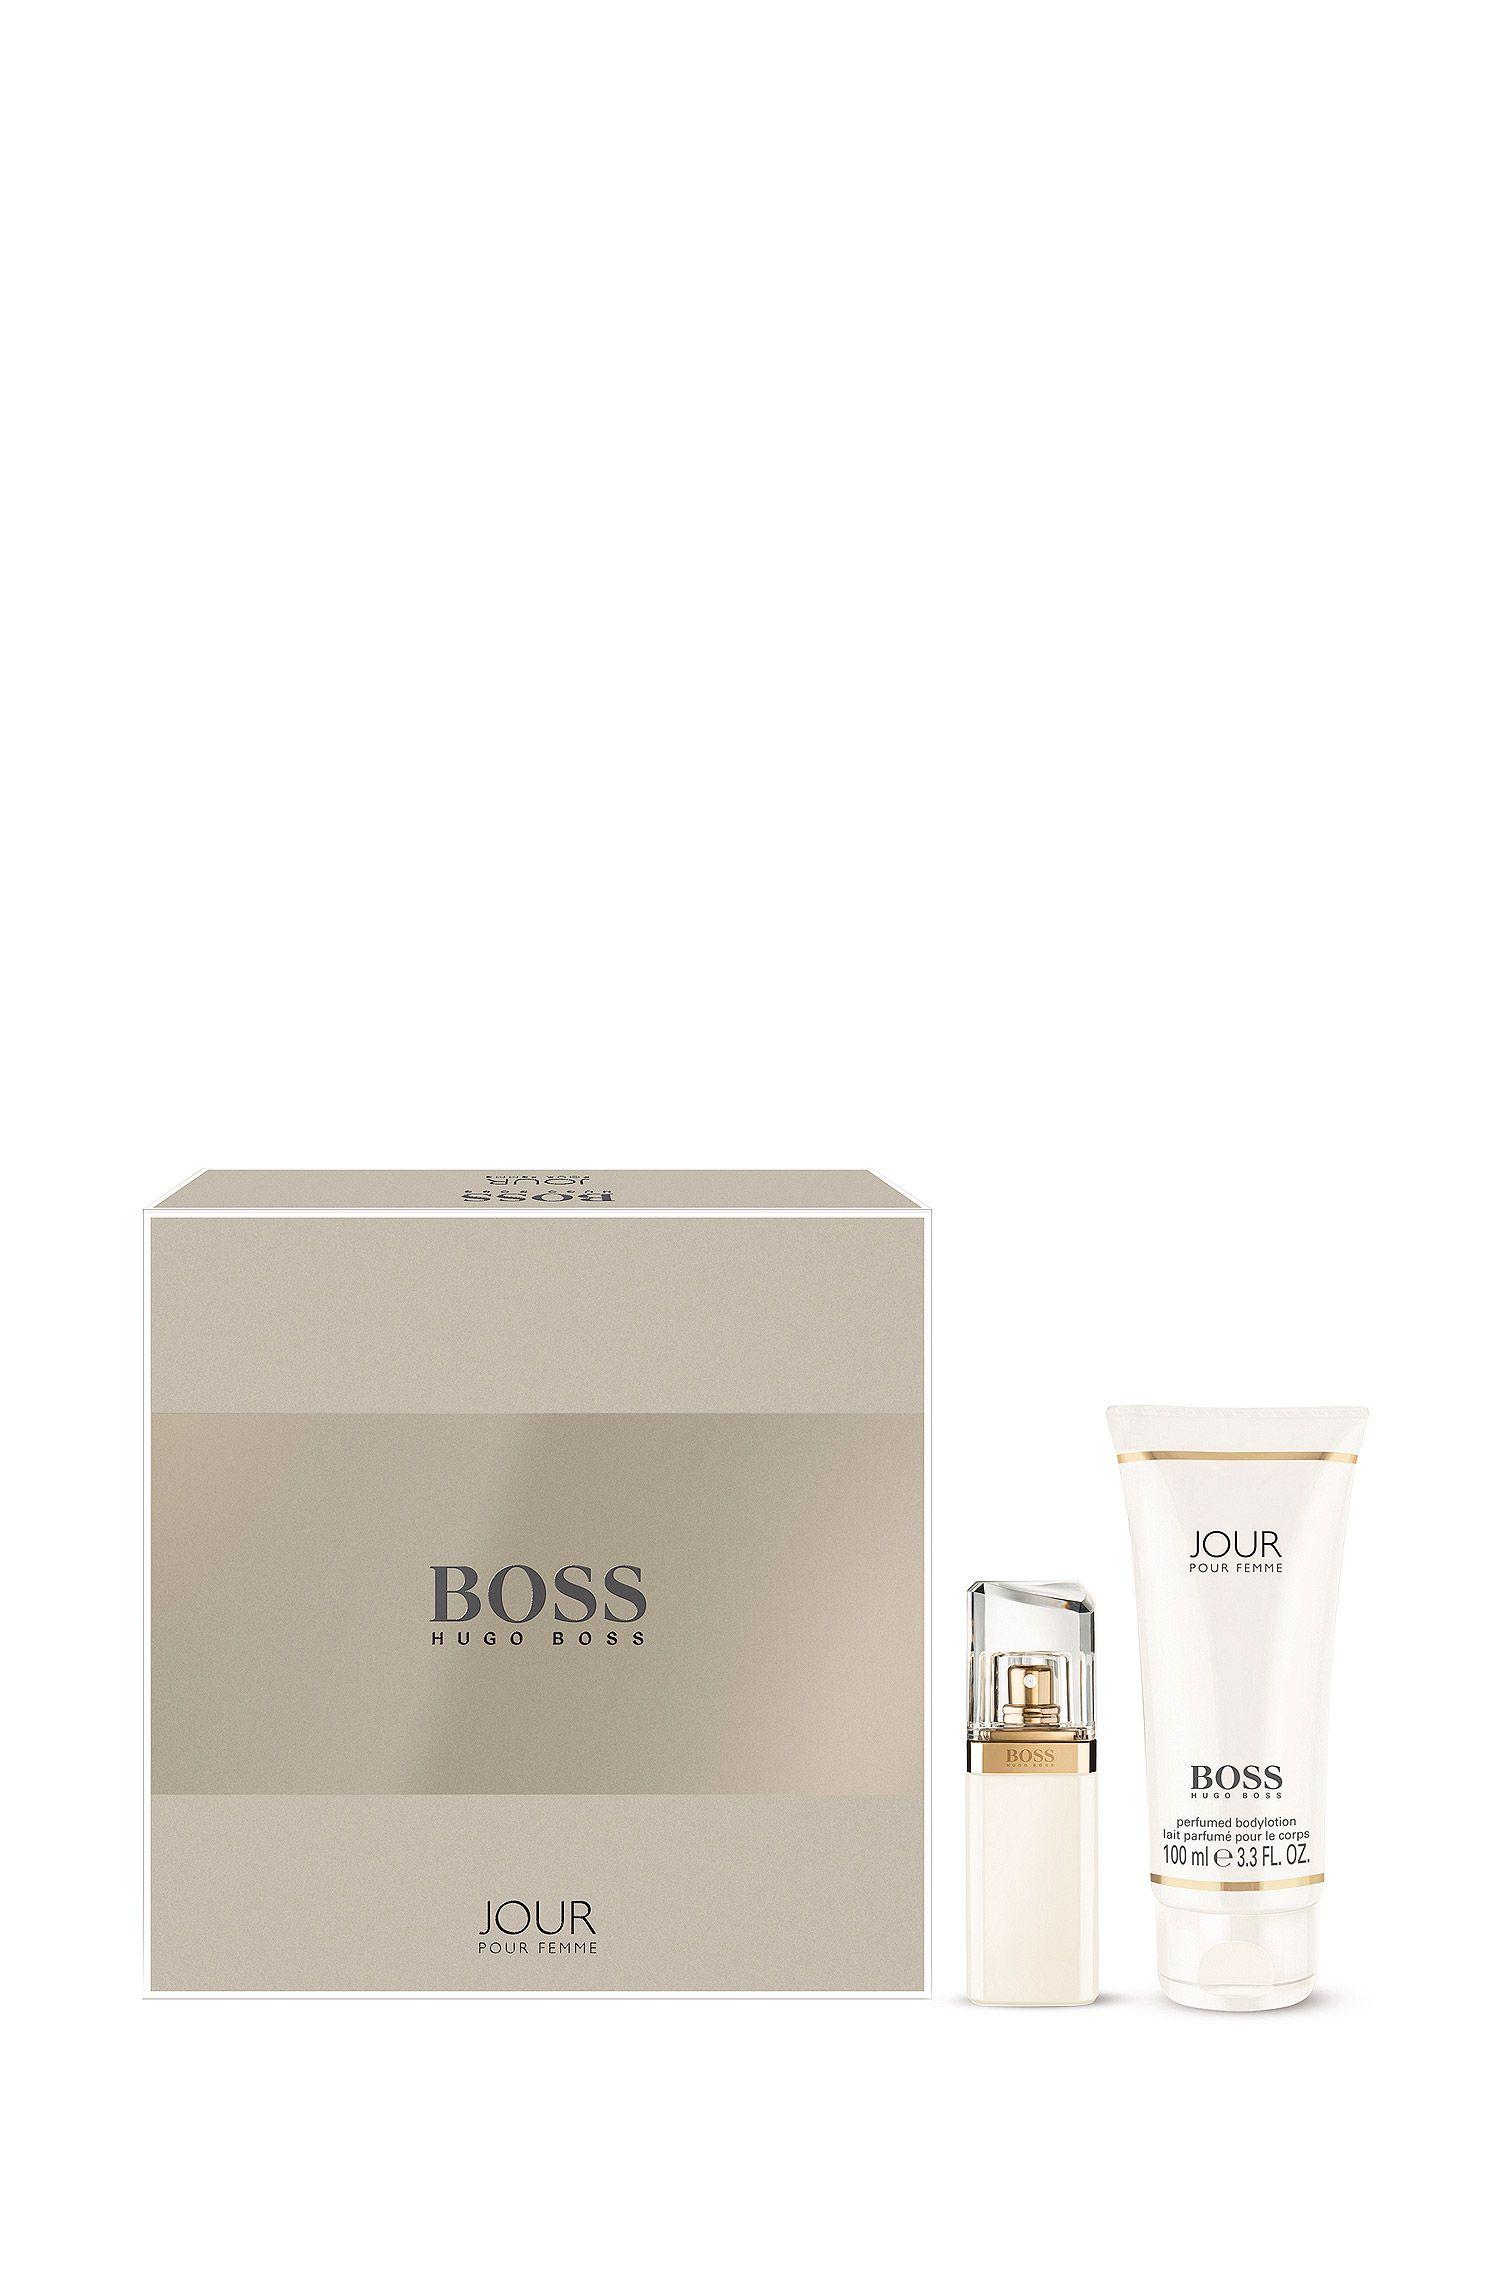 Coffret cadeau «BOSS Jour» comprenant une Eau de Parfum (30ml) et une Lotion pour le Corps